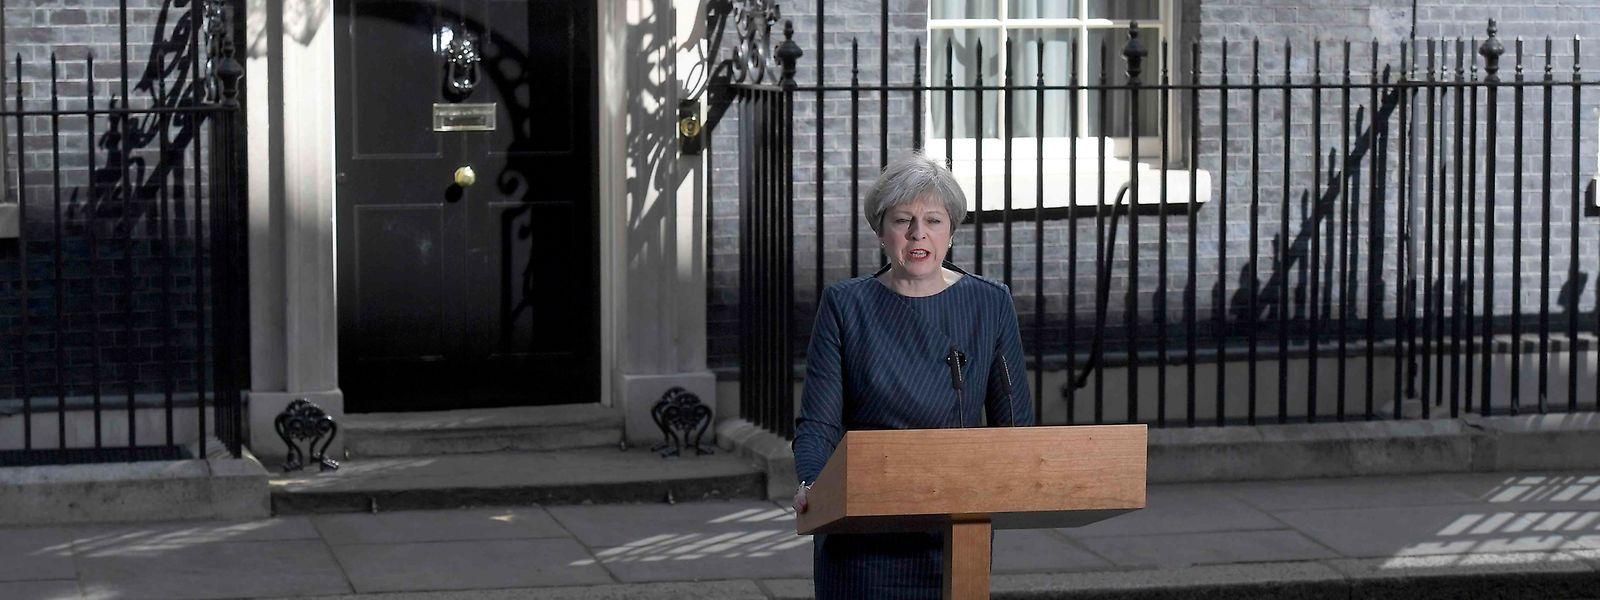 Theresa May bei ihrer Ankündigung vor Downing Street Nummer 10.